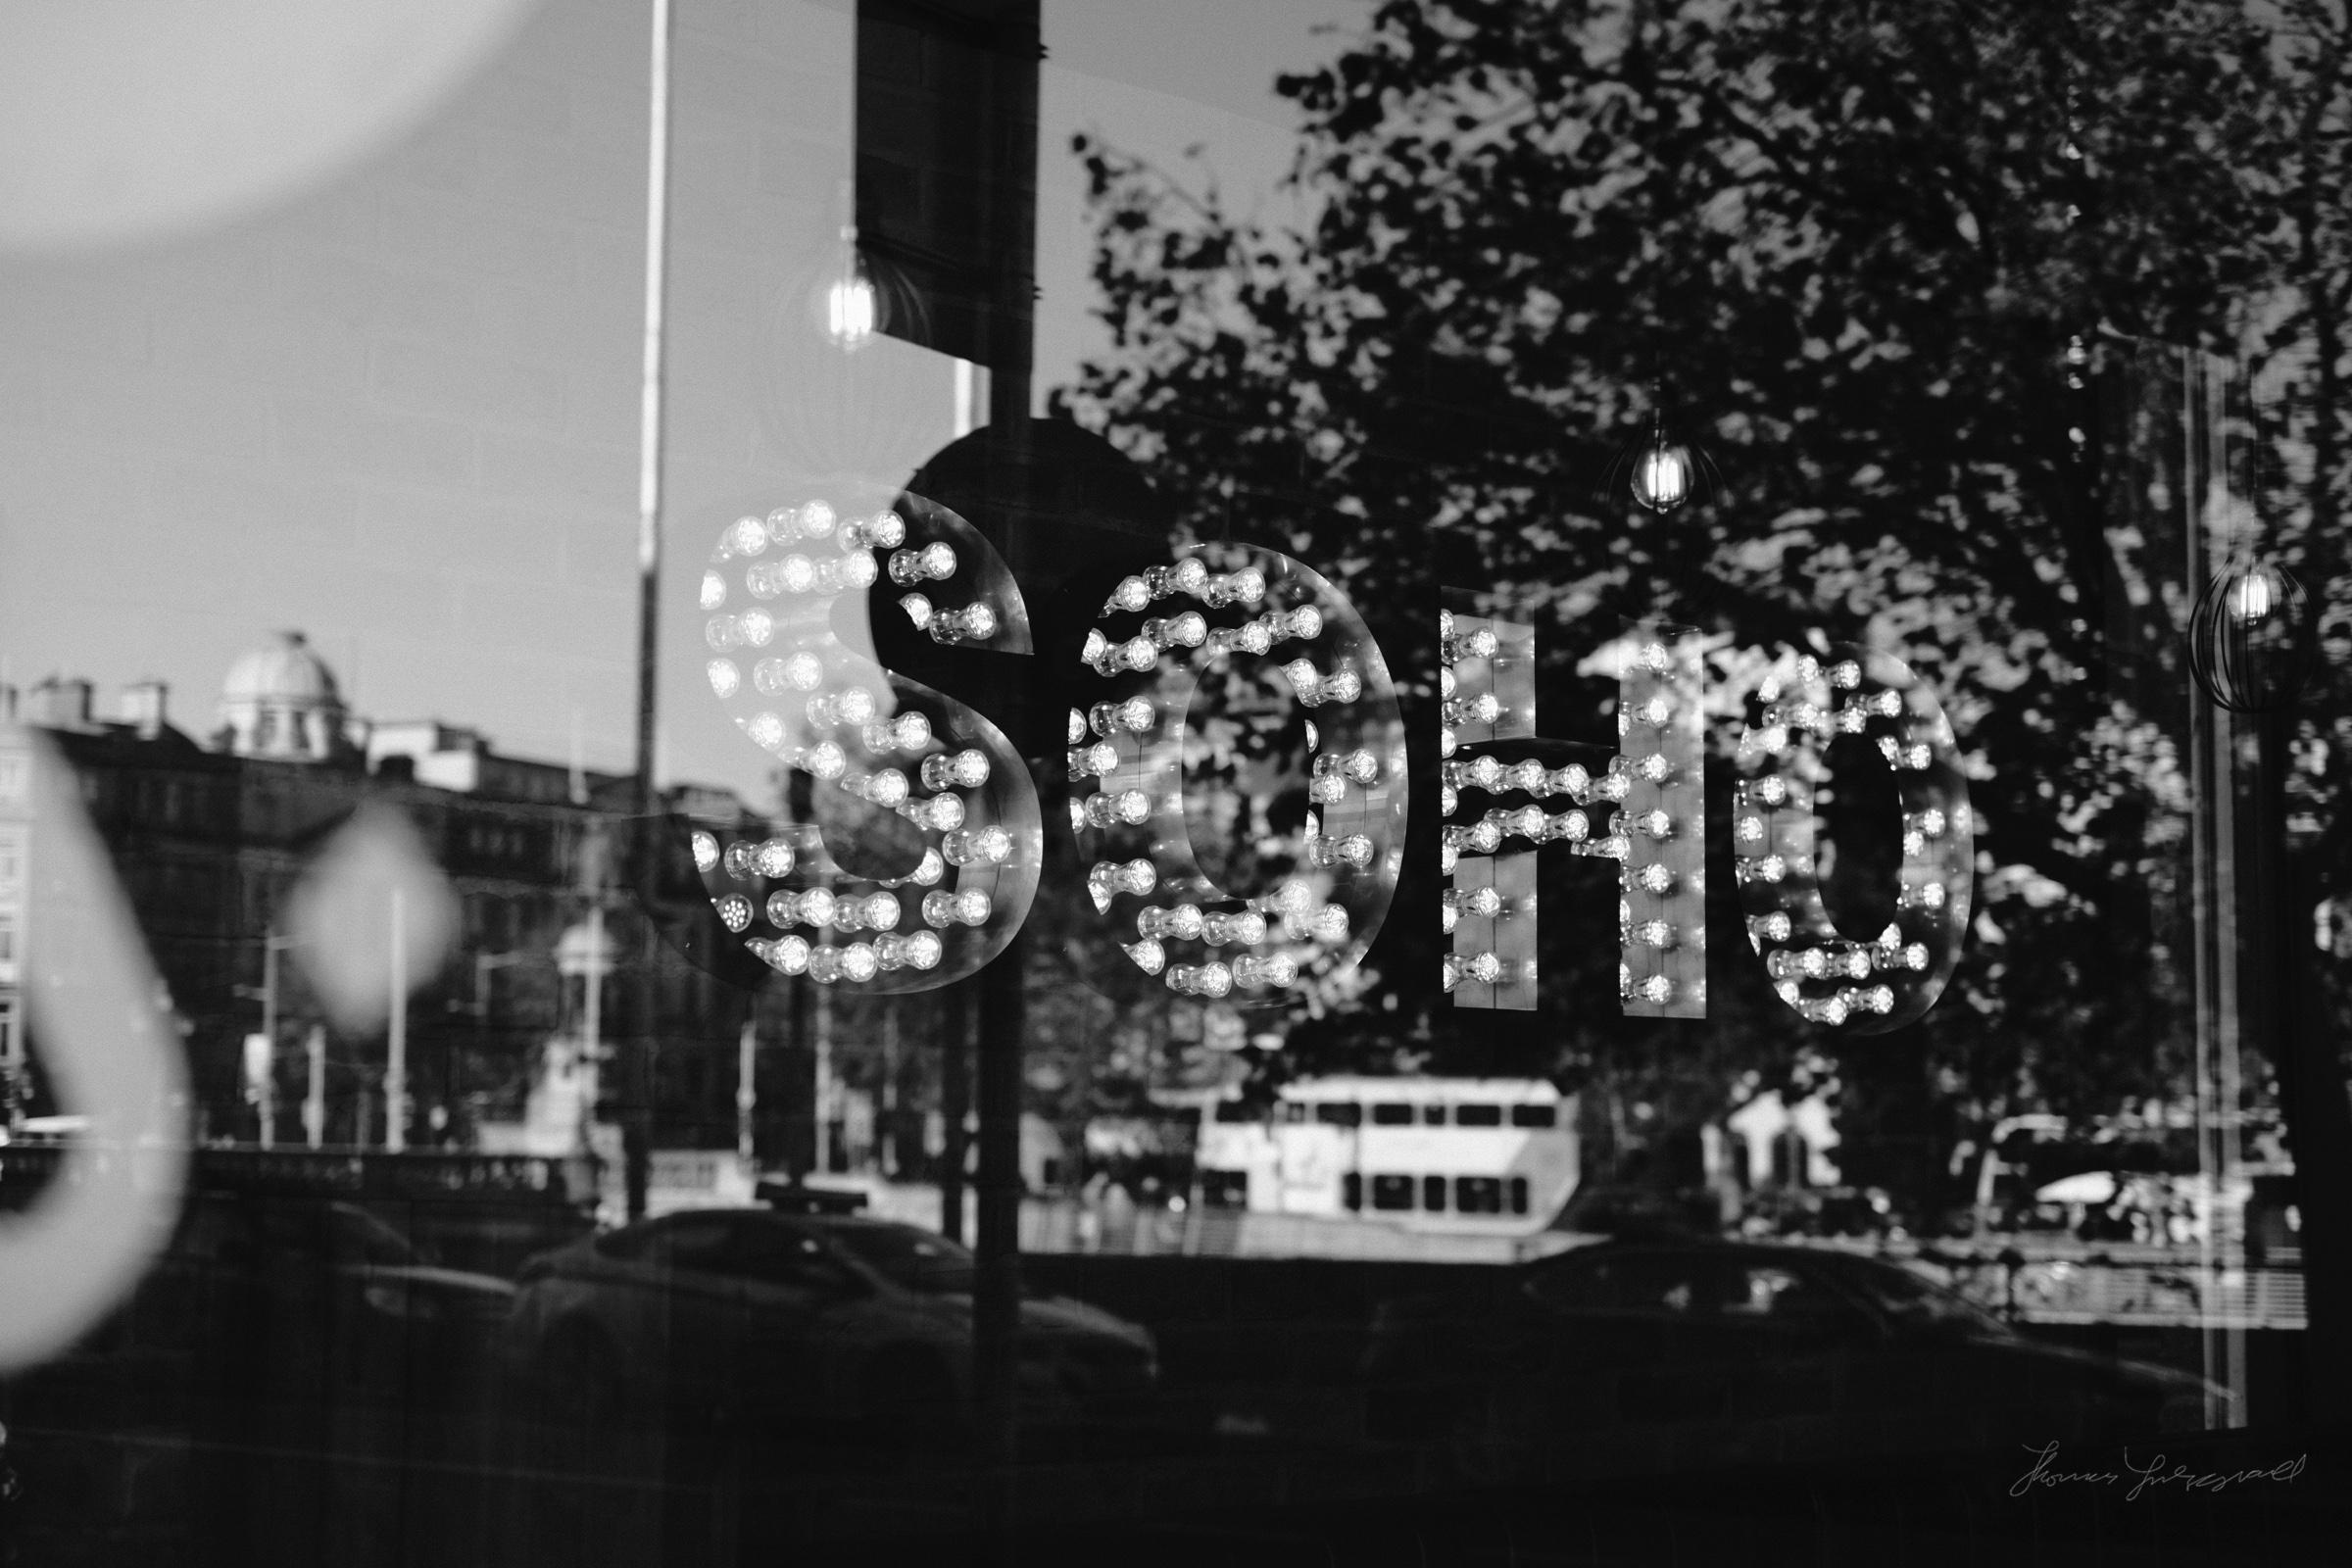 Street-Photography-Dublin-X-Pro2-Acros-027.jpg